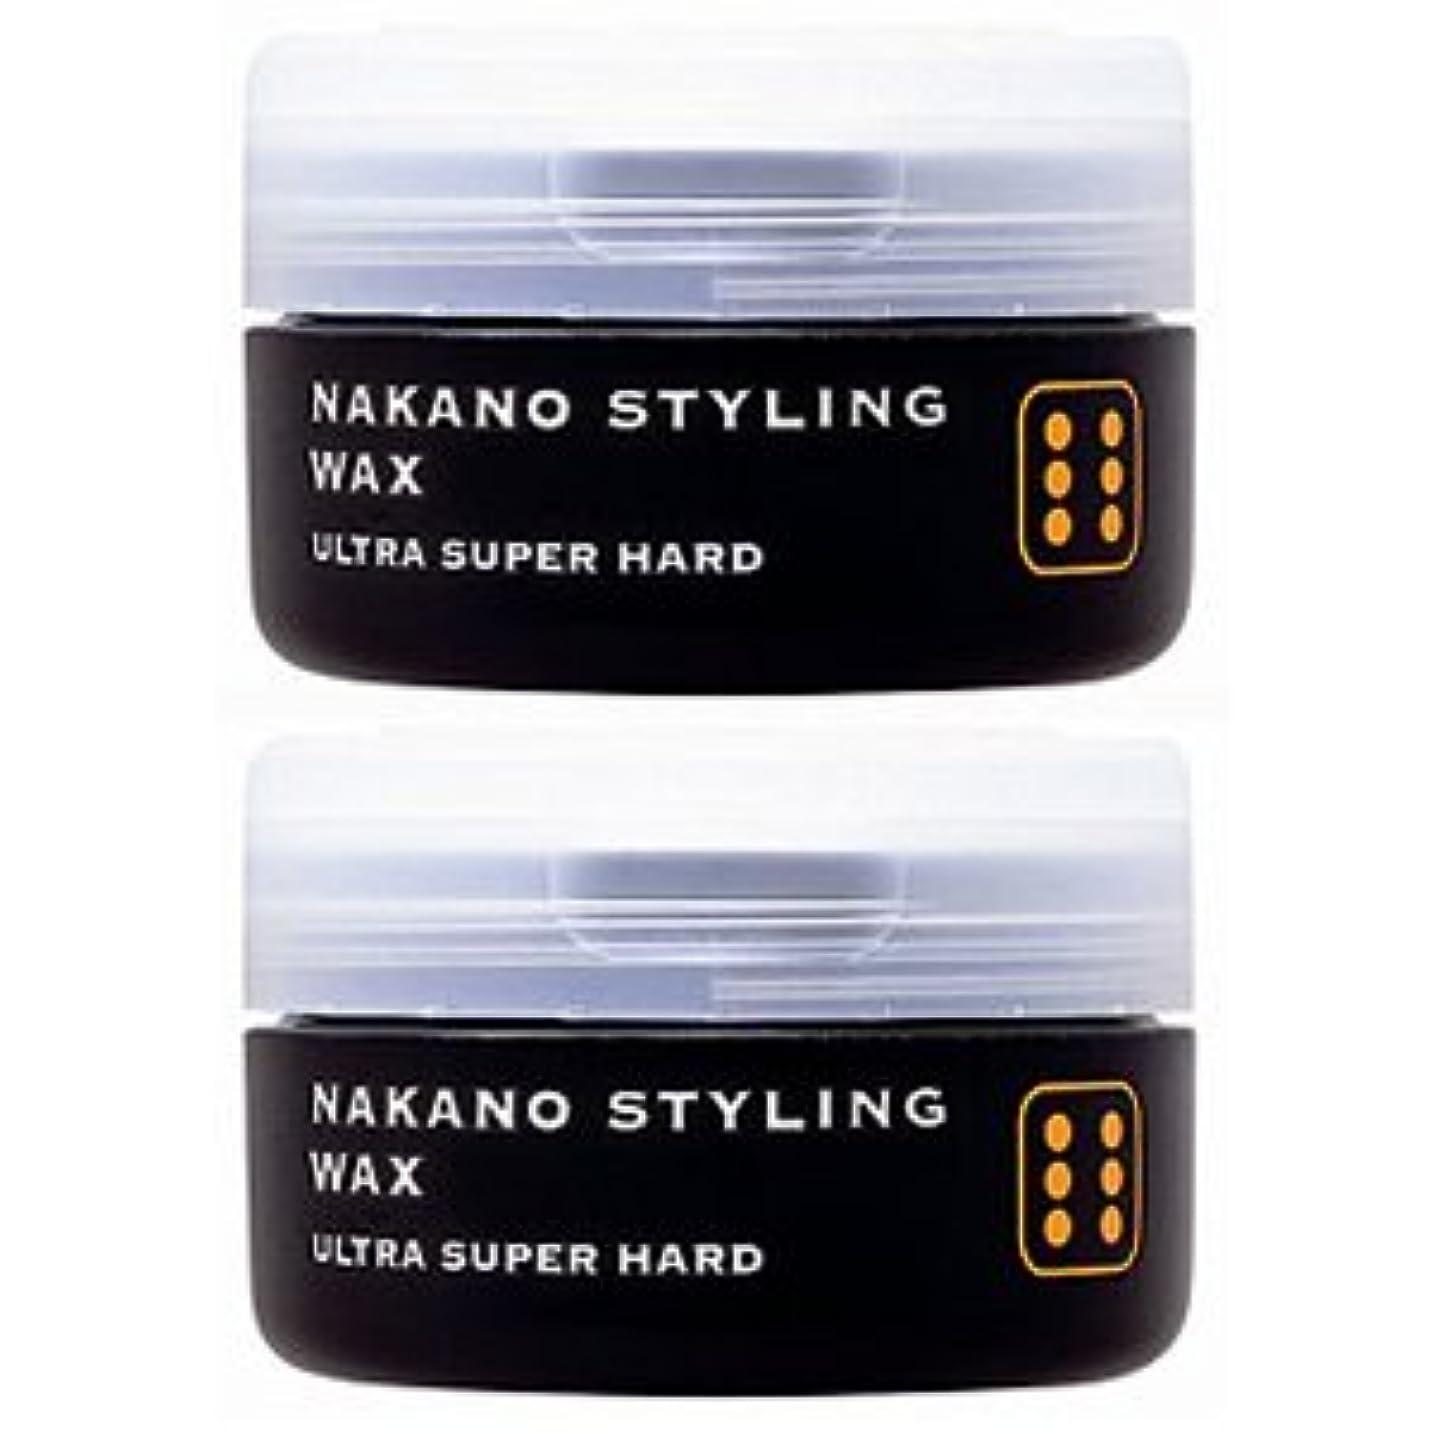 大破販売計画選択ナカノ スタイリングワックス 6 ウルトラスーパーハード 90g 『2個セット』